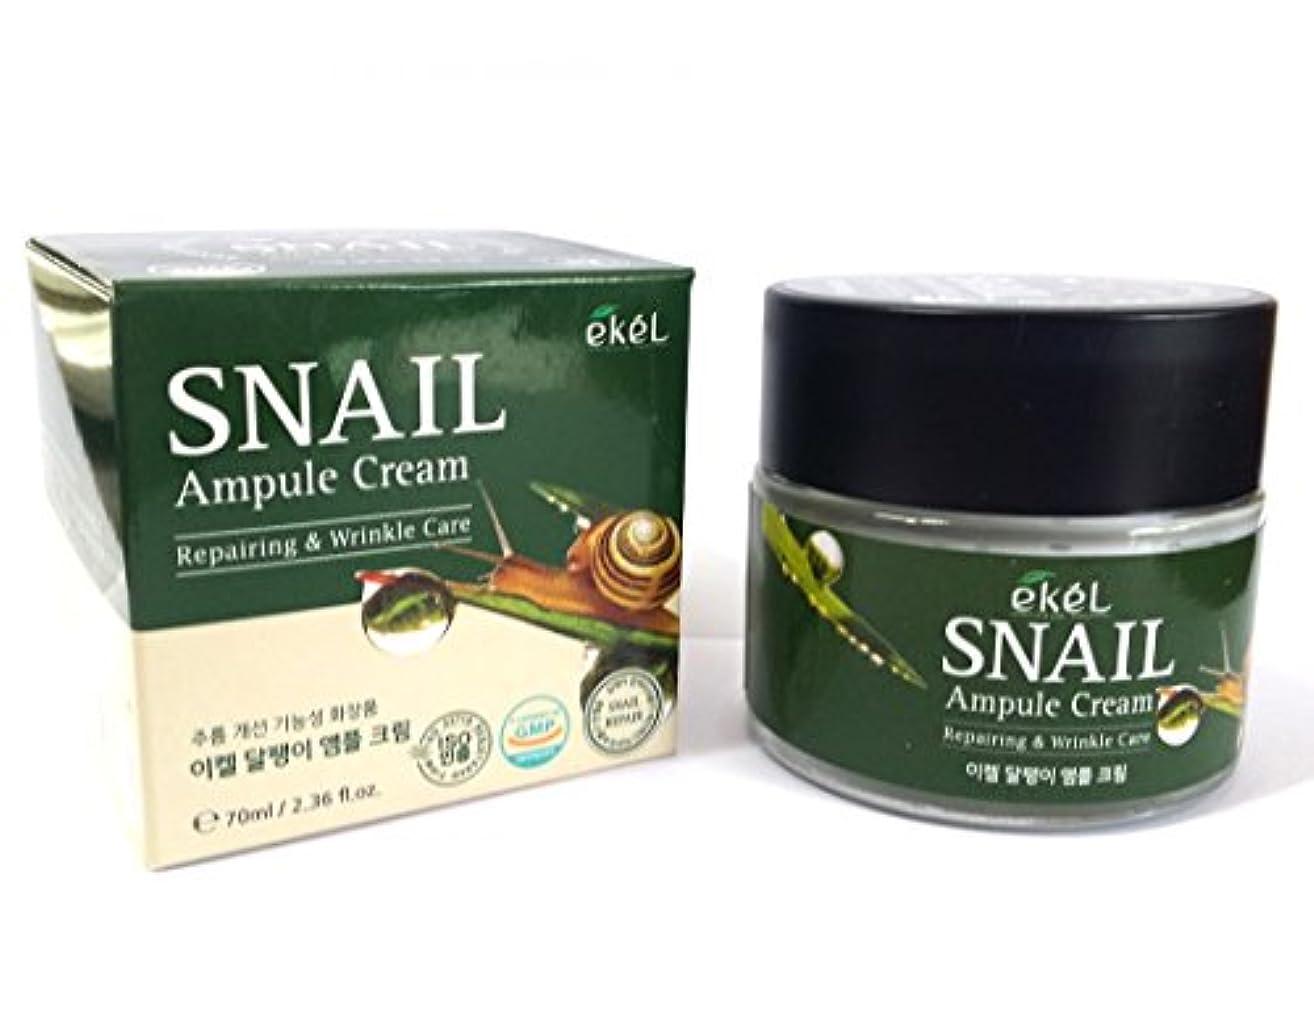 アラスカスーダン灌漑[EKEL] カタツムリアンプルクリーム70ml / Snail Ampule Cream 70ml / / リペアリング&リンクルケア / ハイドレーティングクリーム / Repairing & Wrinkle Care...